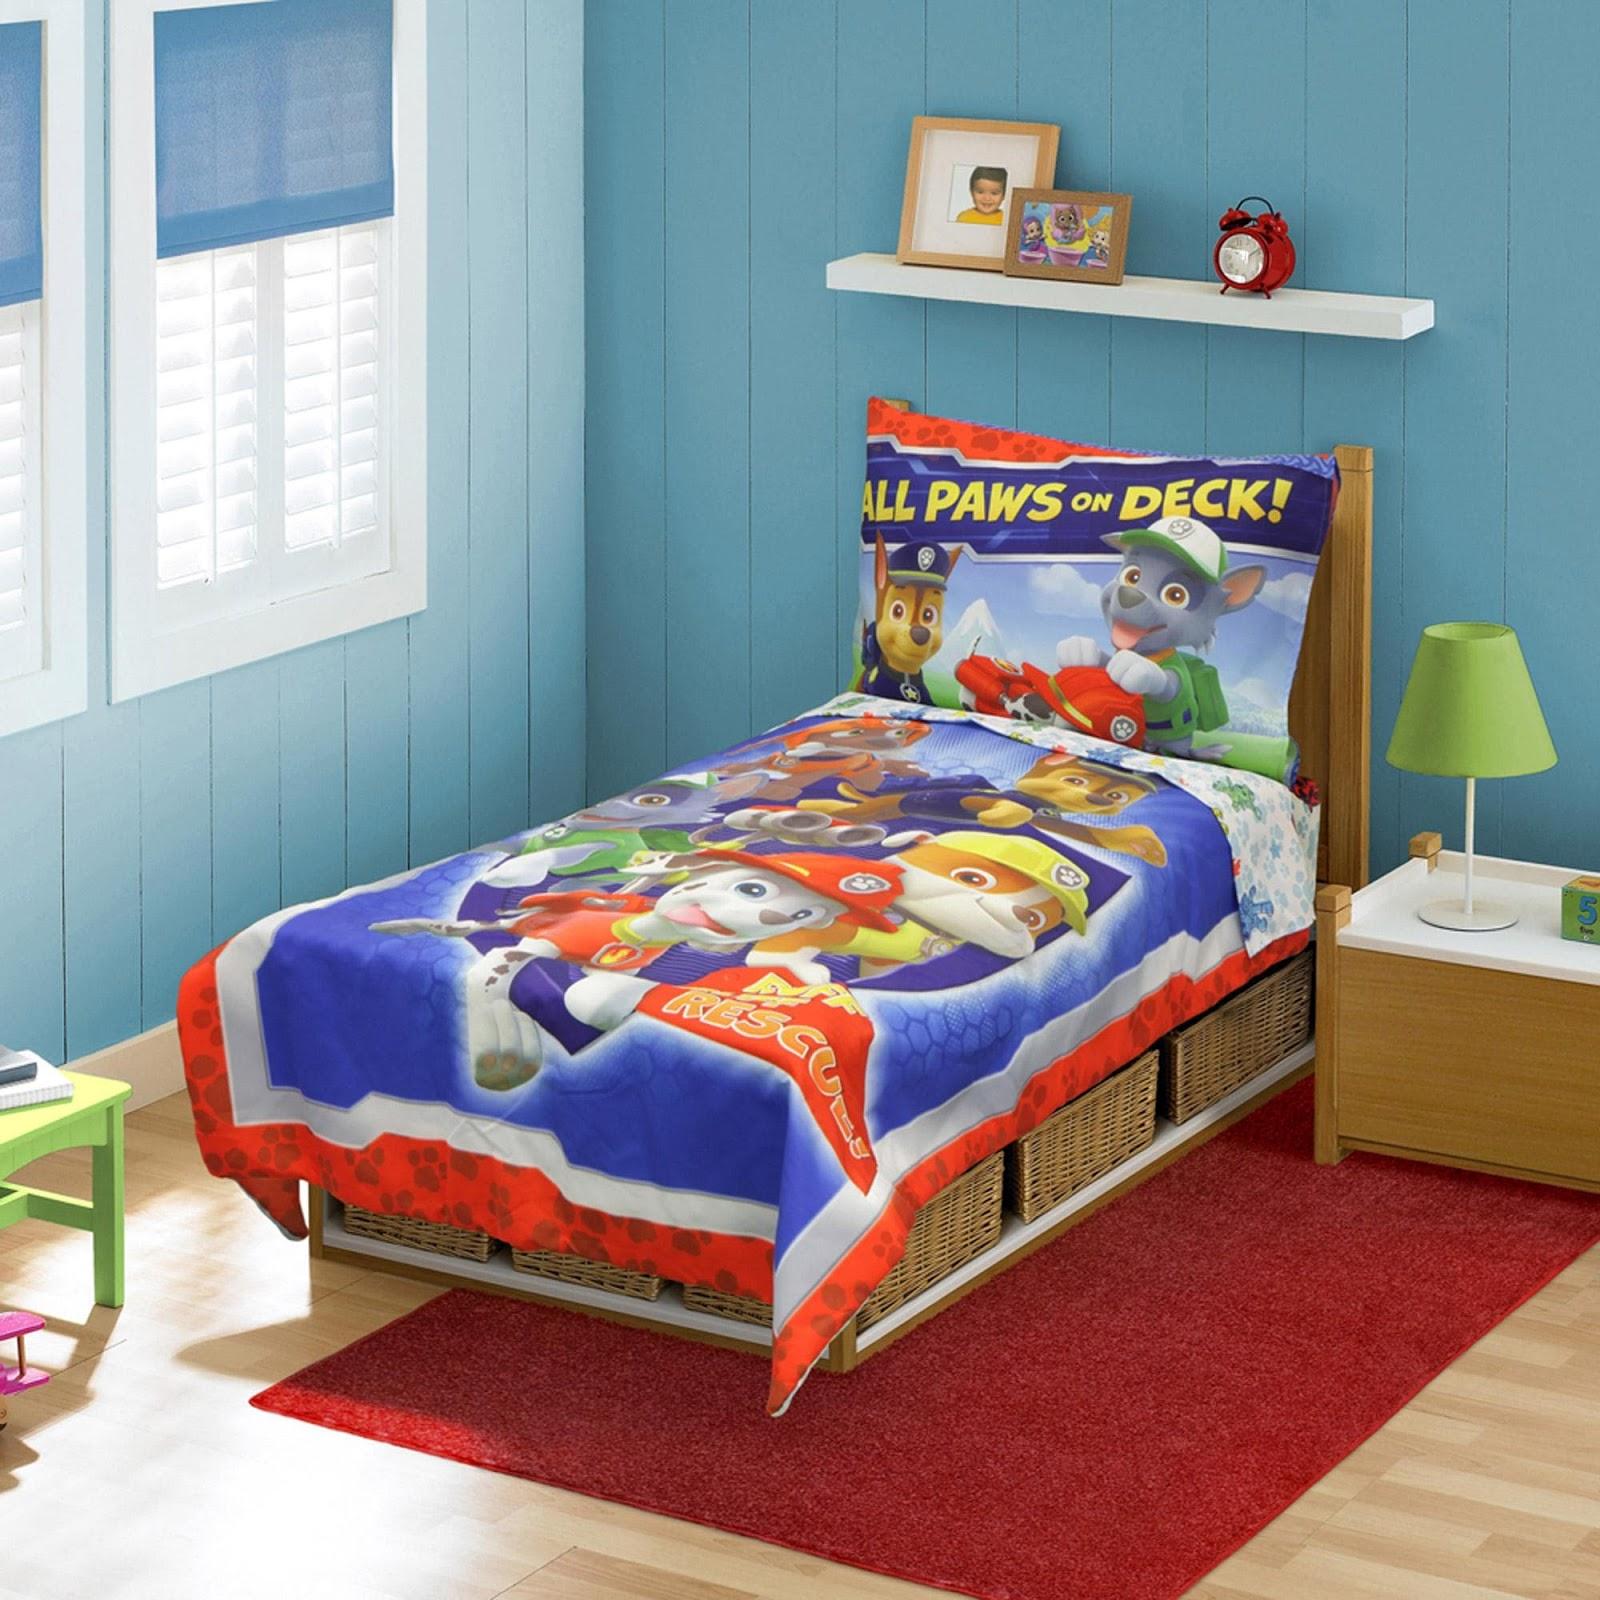 60 Desain Kamar Tidur Anak Laki Laki Ukuran Kecil Sisi Rumah Minimalis